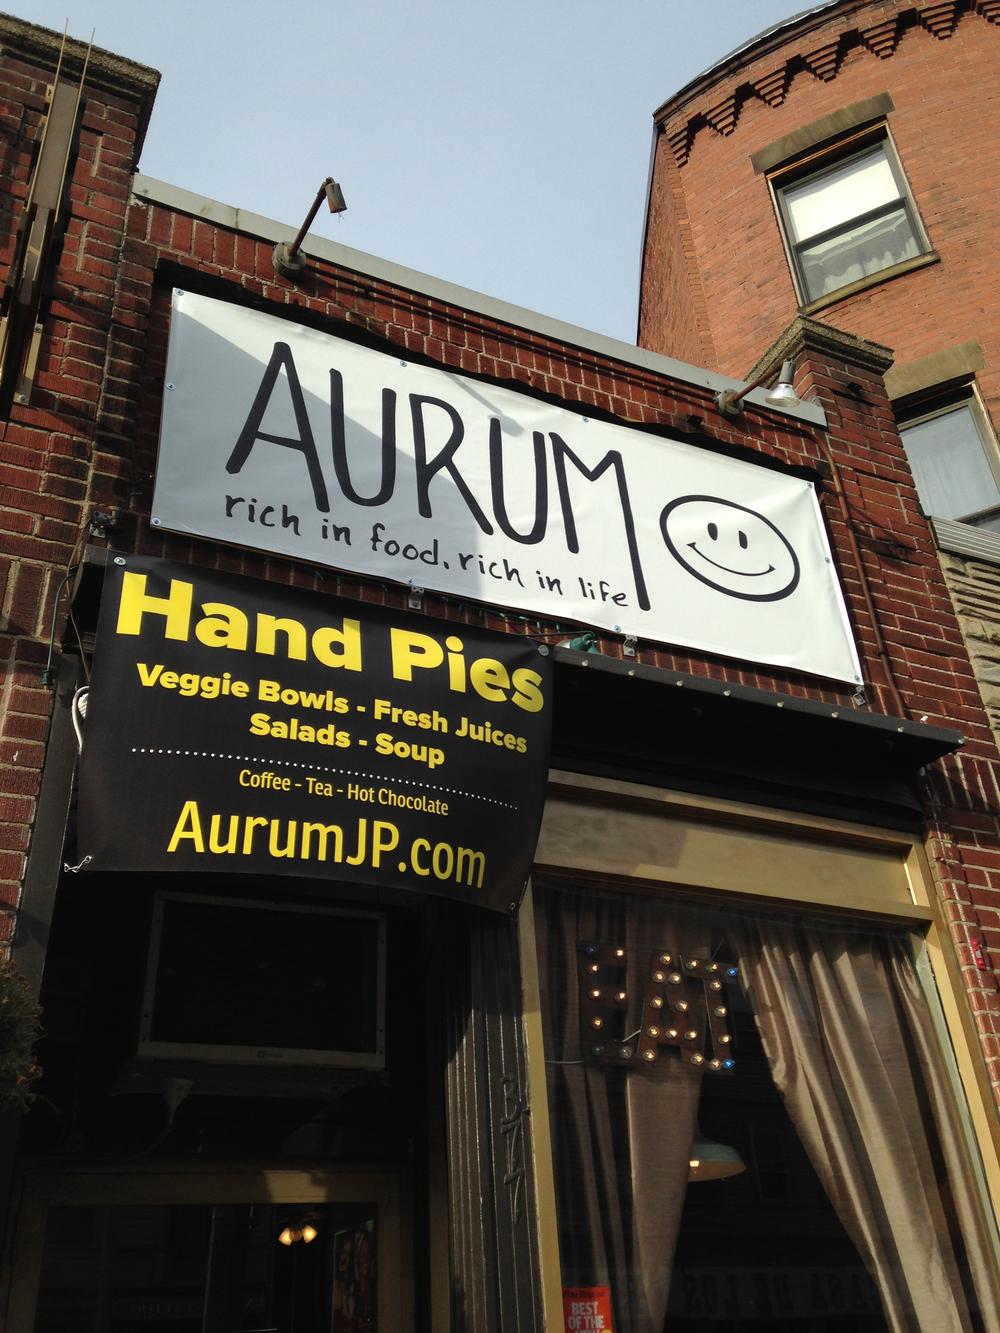 Aurum Resturaunt